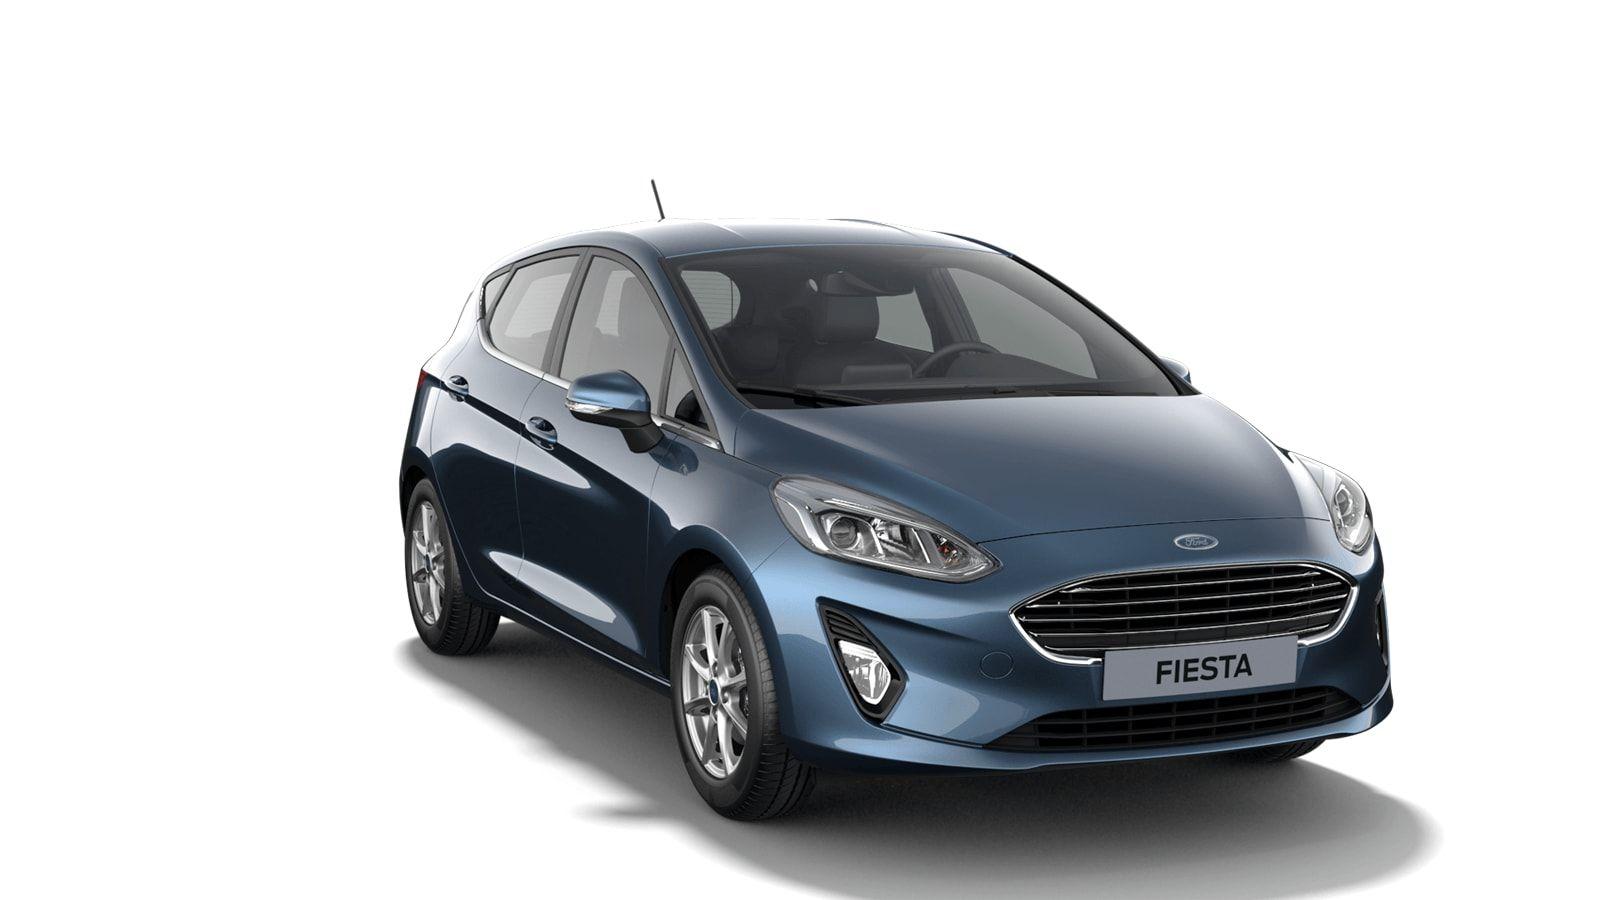 """Nieuw Ford All-new ford fiesta Titanium 1.0i EcBoost 95pk / 70kW M6 5d JKC - Metaalkleur """"Chrome Blue"""" 3"""